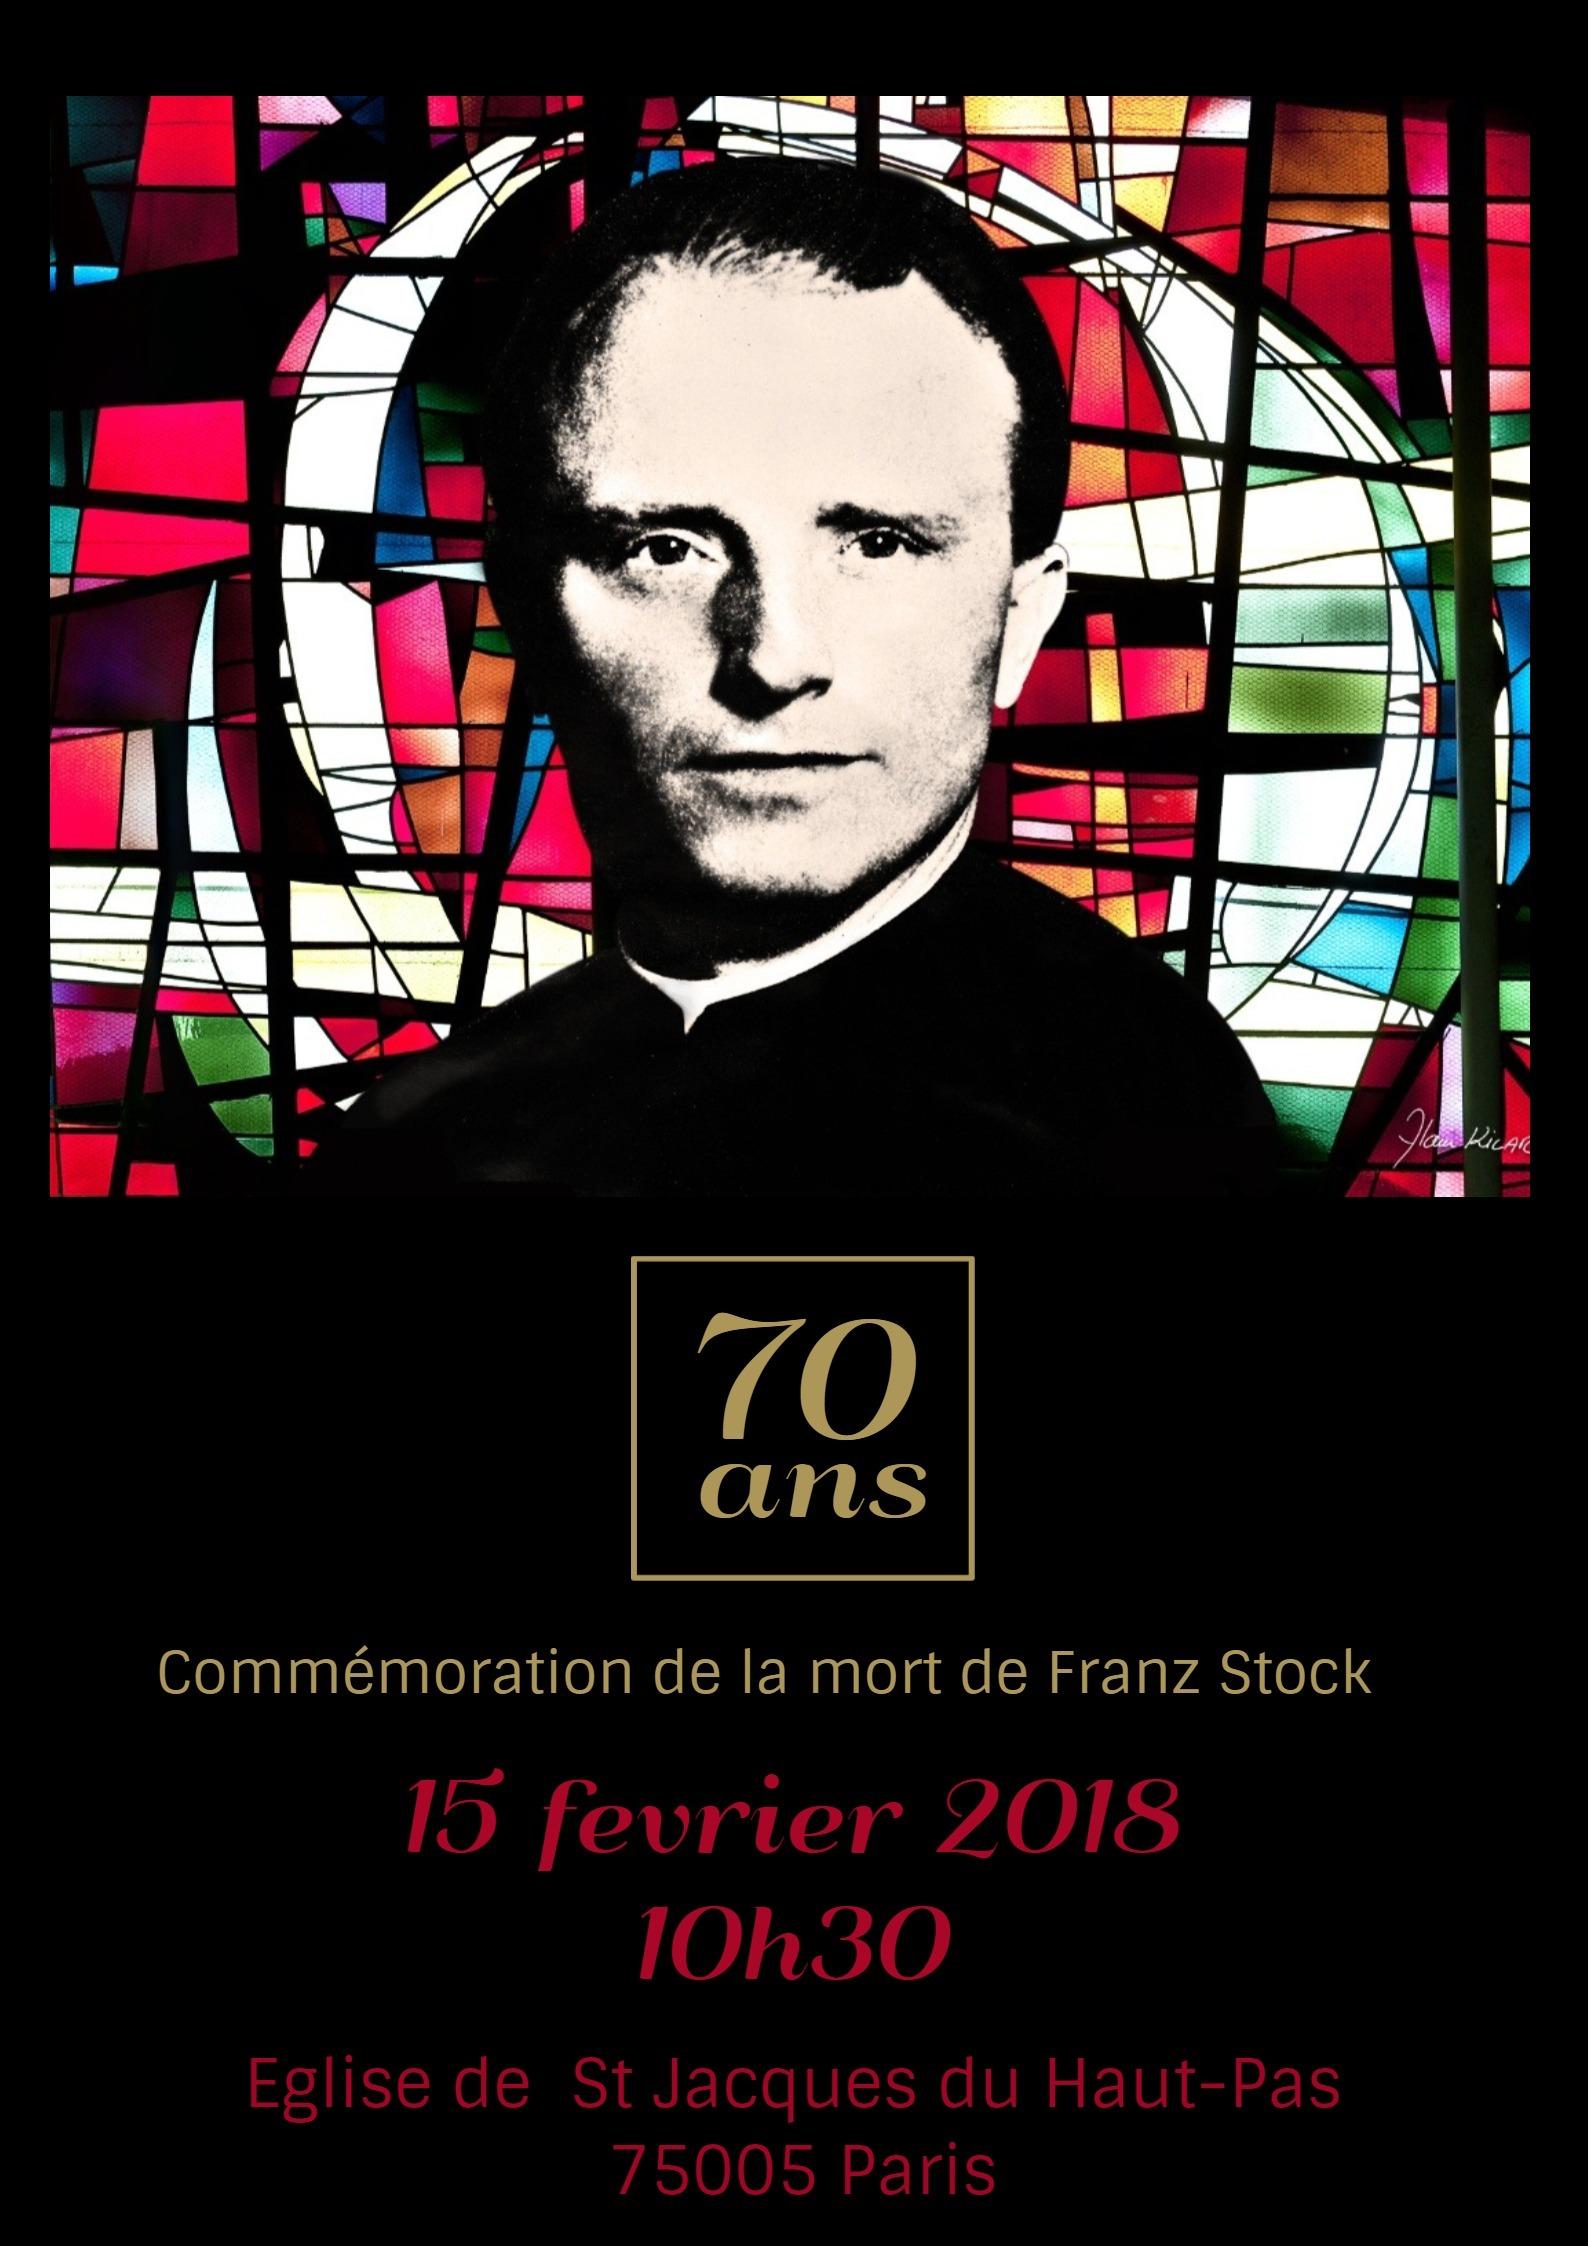 Commémoration des 70 ans de la mort de Franz Stock